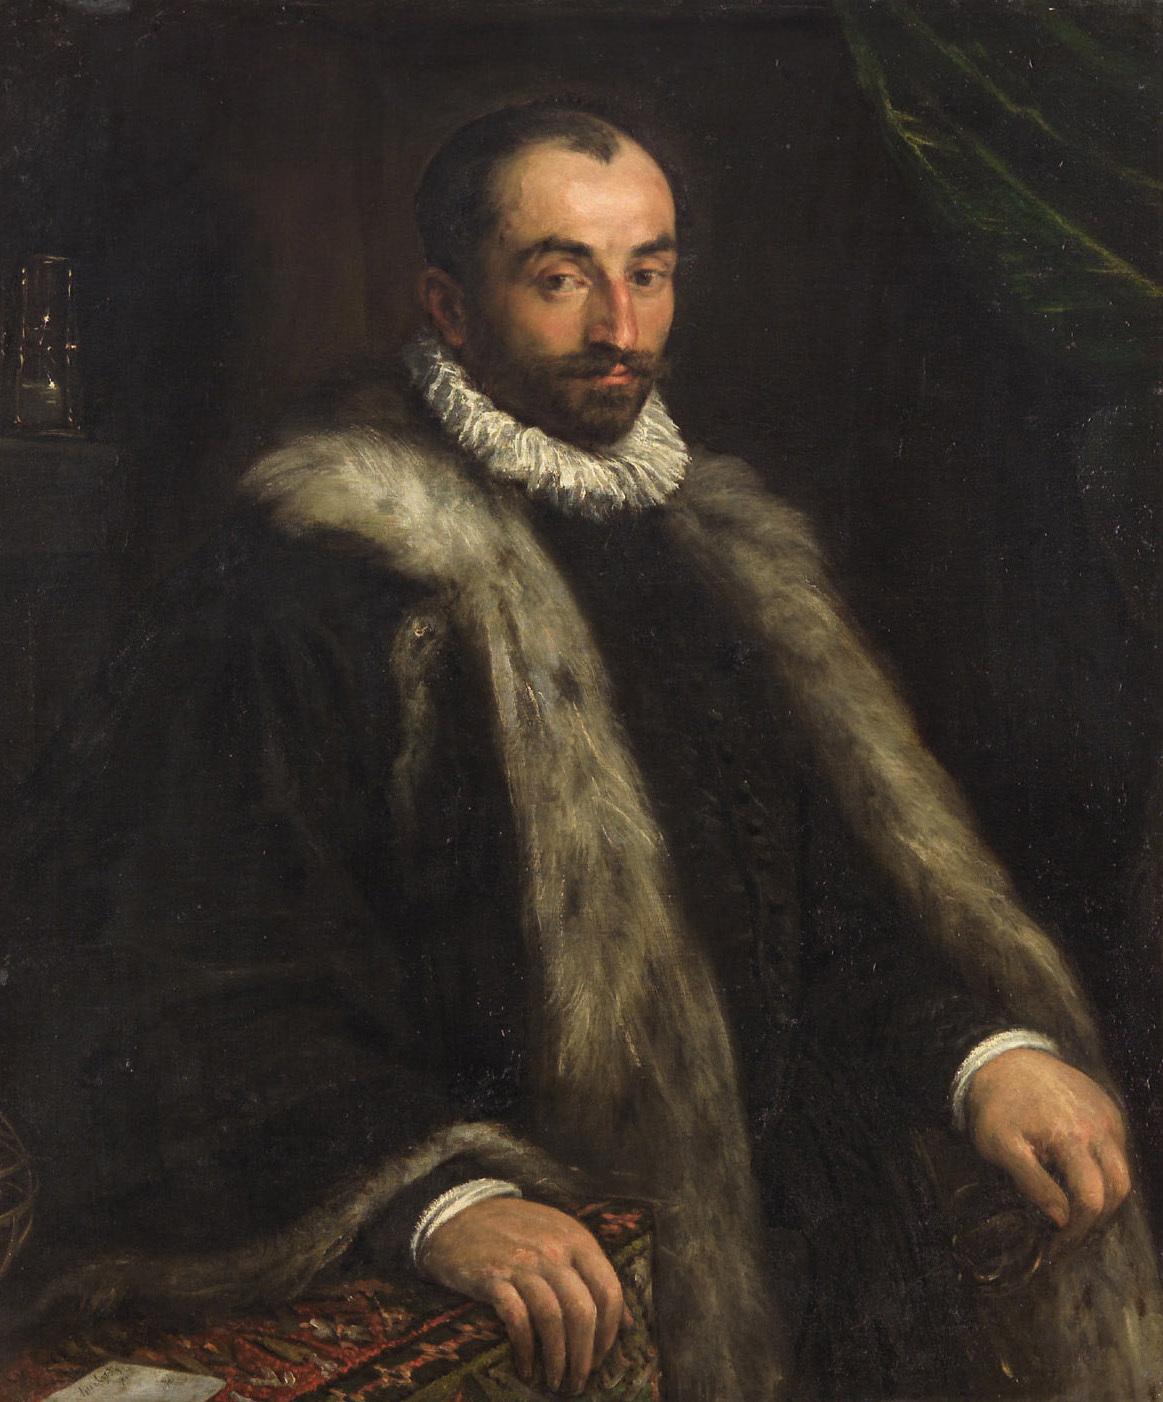 Bildnis eines bärtigen Mannes mit Sanduhr und Astrolabium von Francesco da Ponte, gen. Francesco Bassano